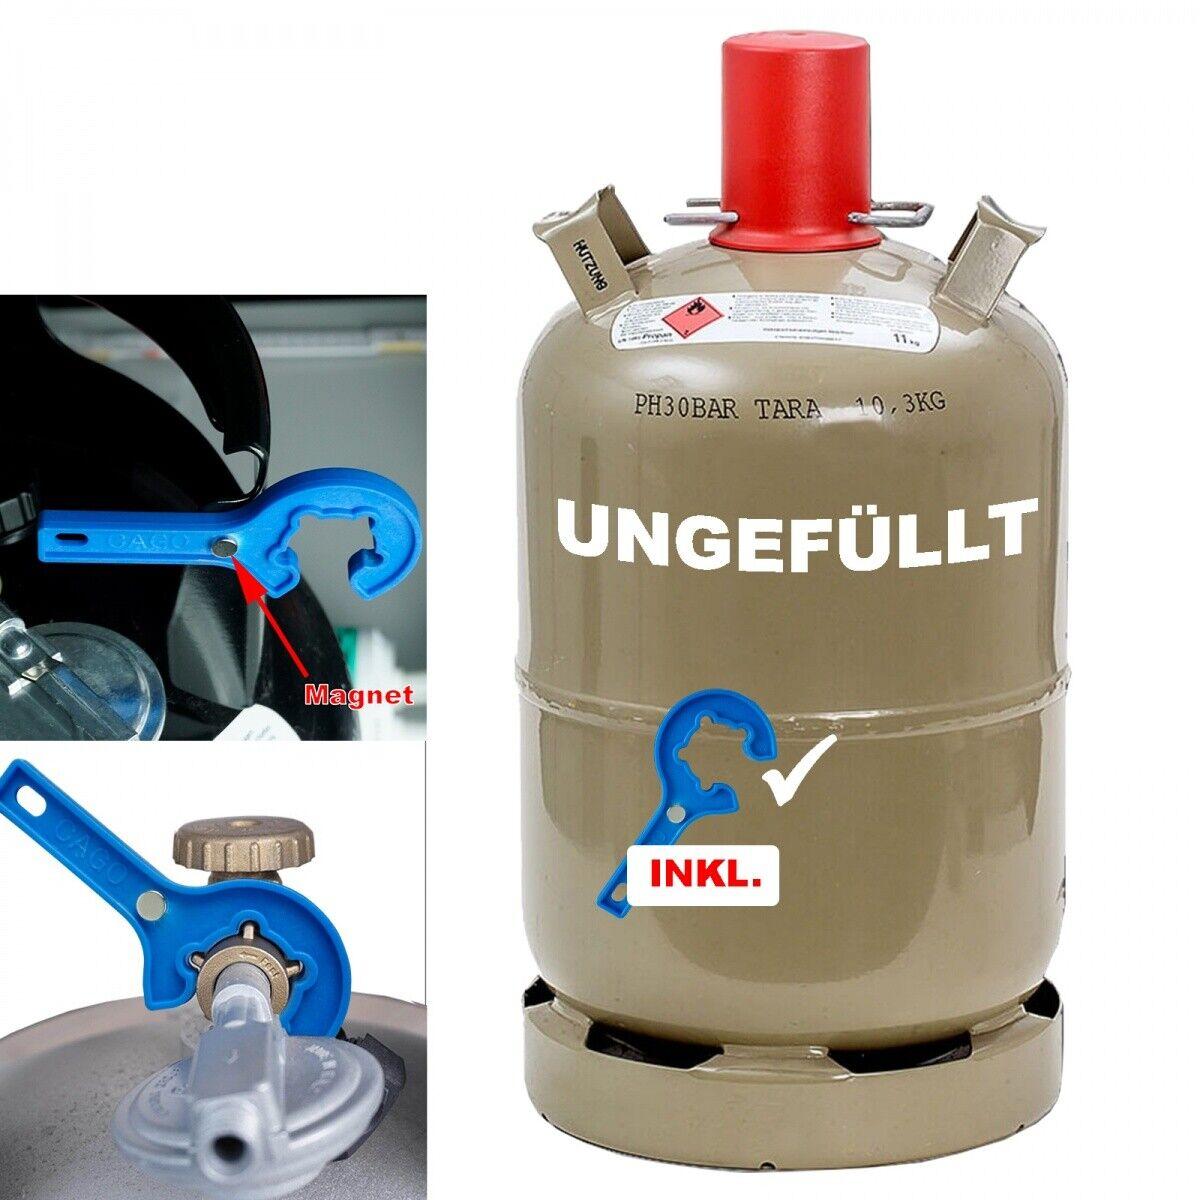 11kg Gas-Flasche Propan-Gas Grill Gas-Kocher Camping inkl. Gasregler-Schlüssel